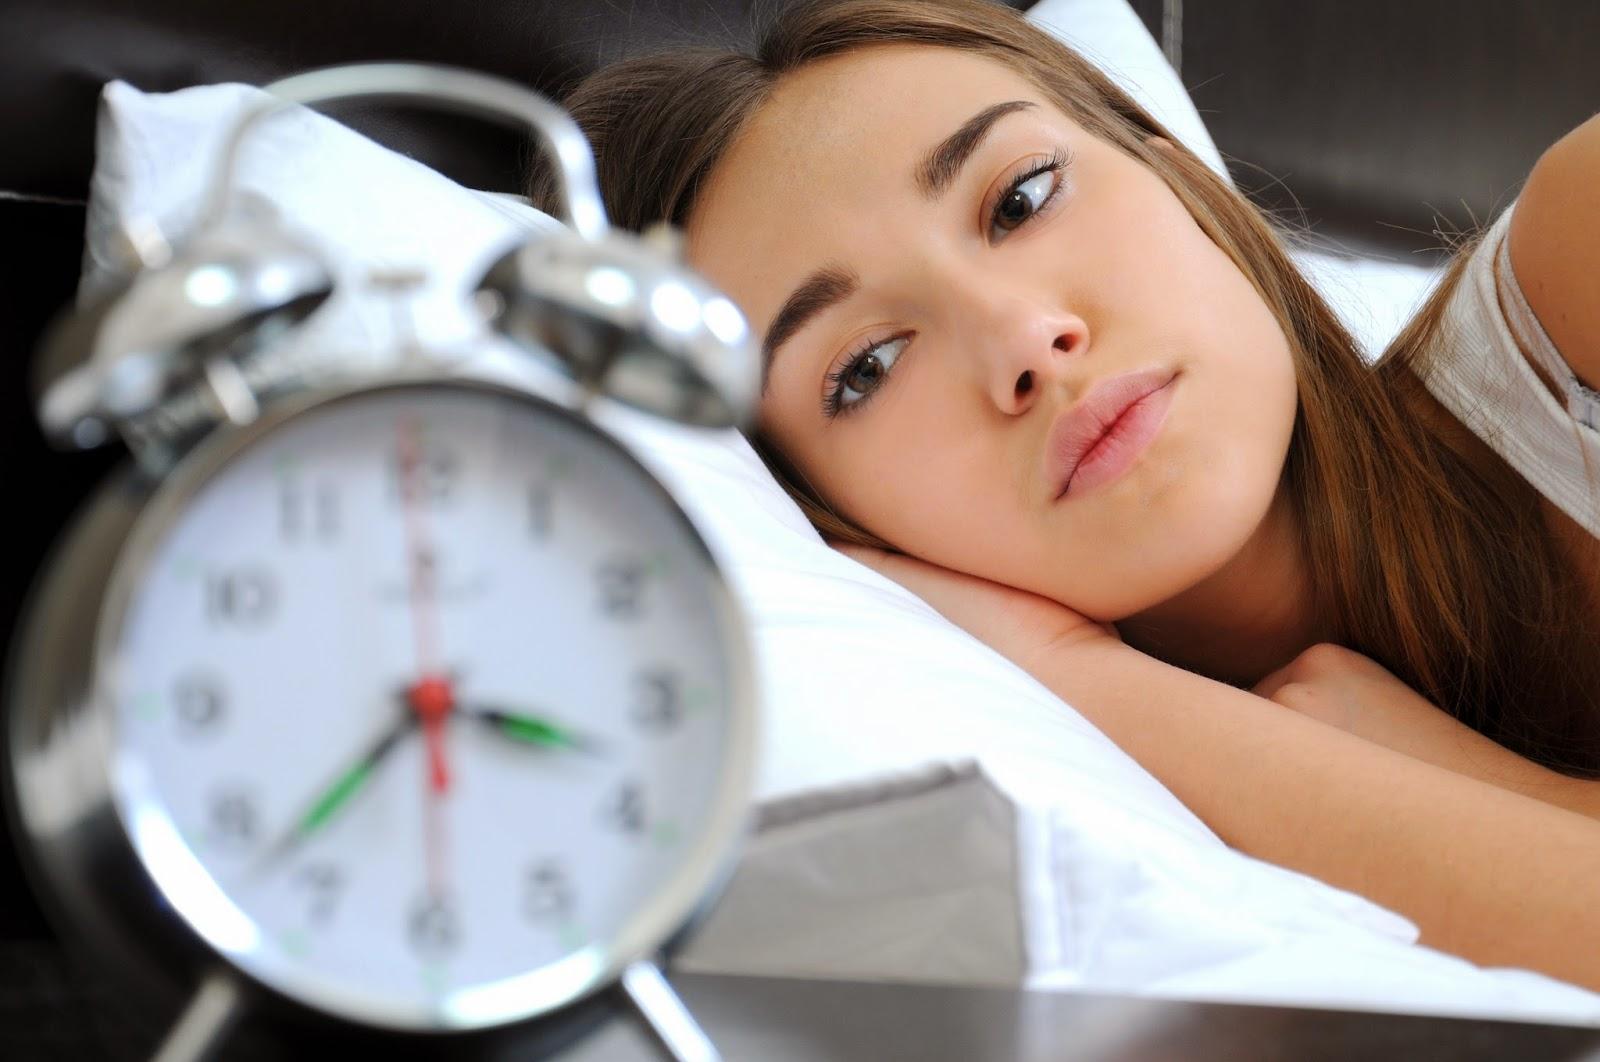 cara mengatasi insomnia tanpa obat